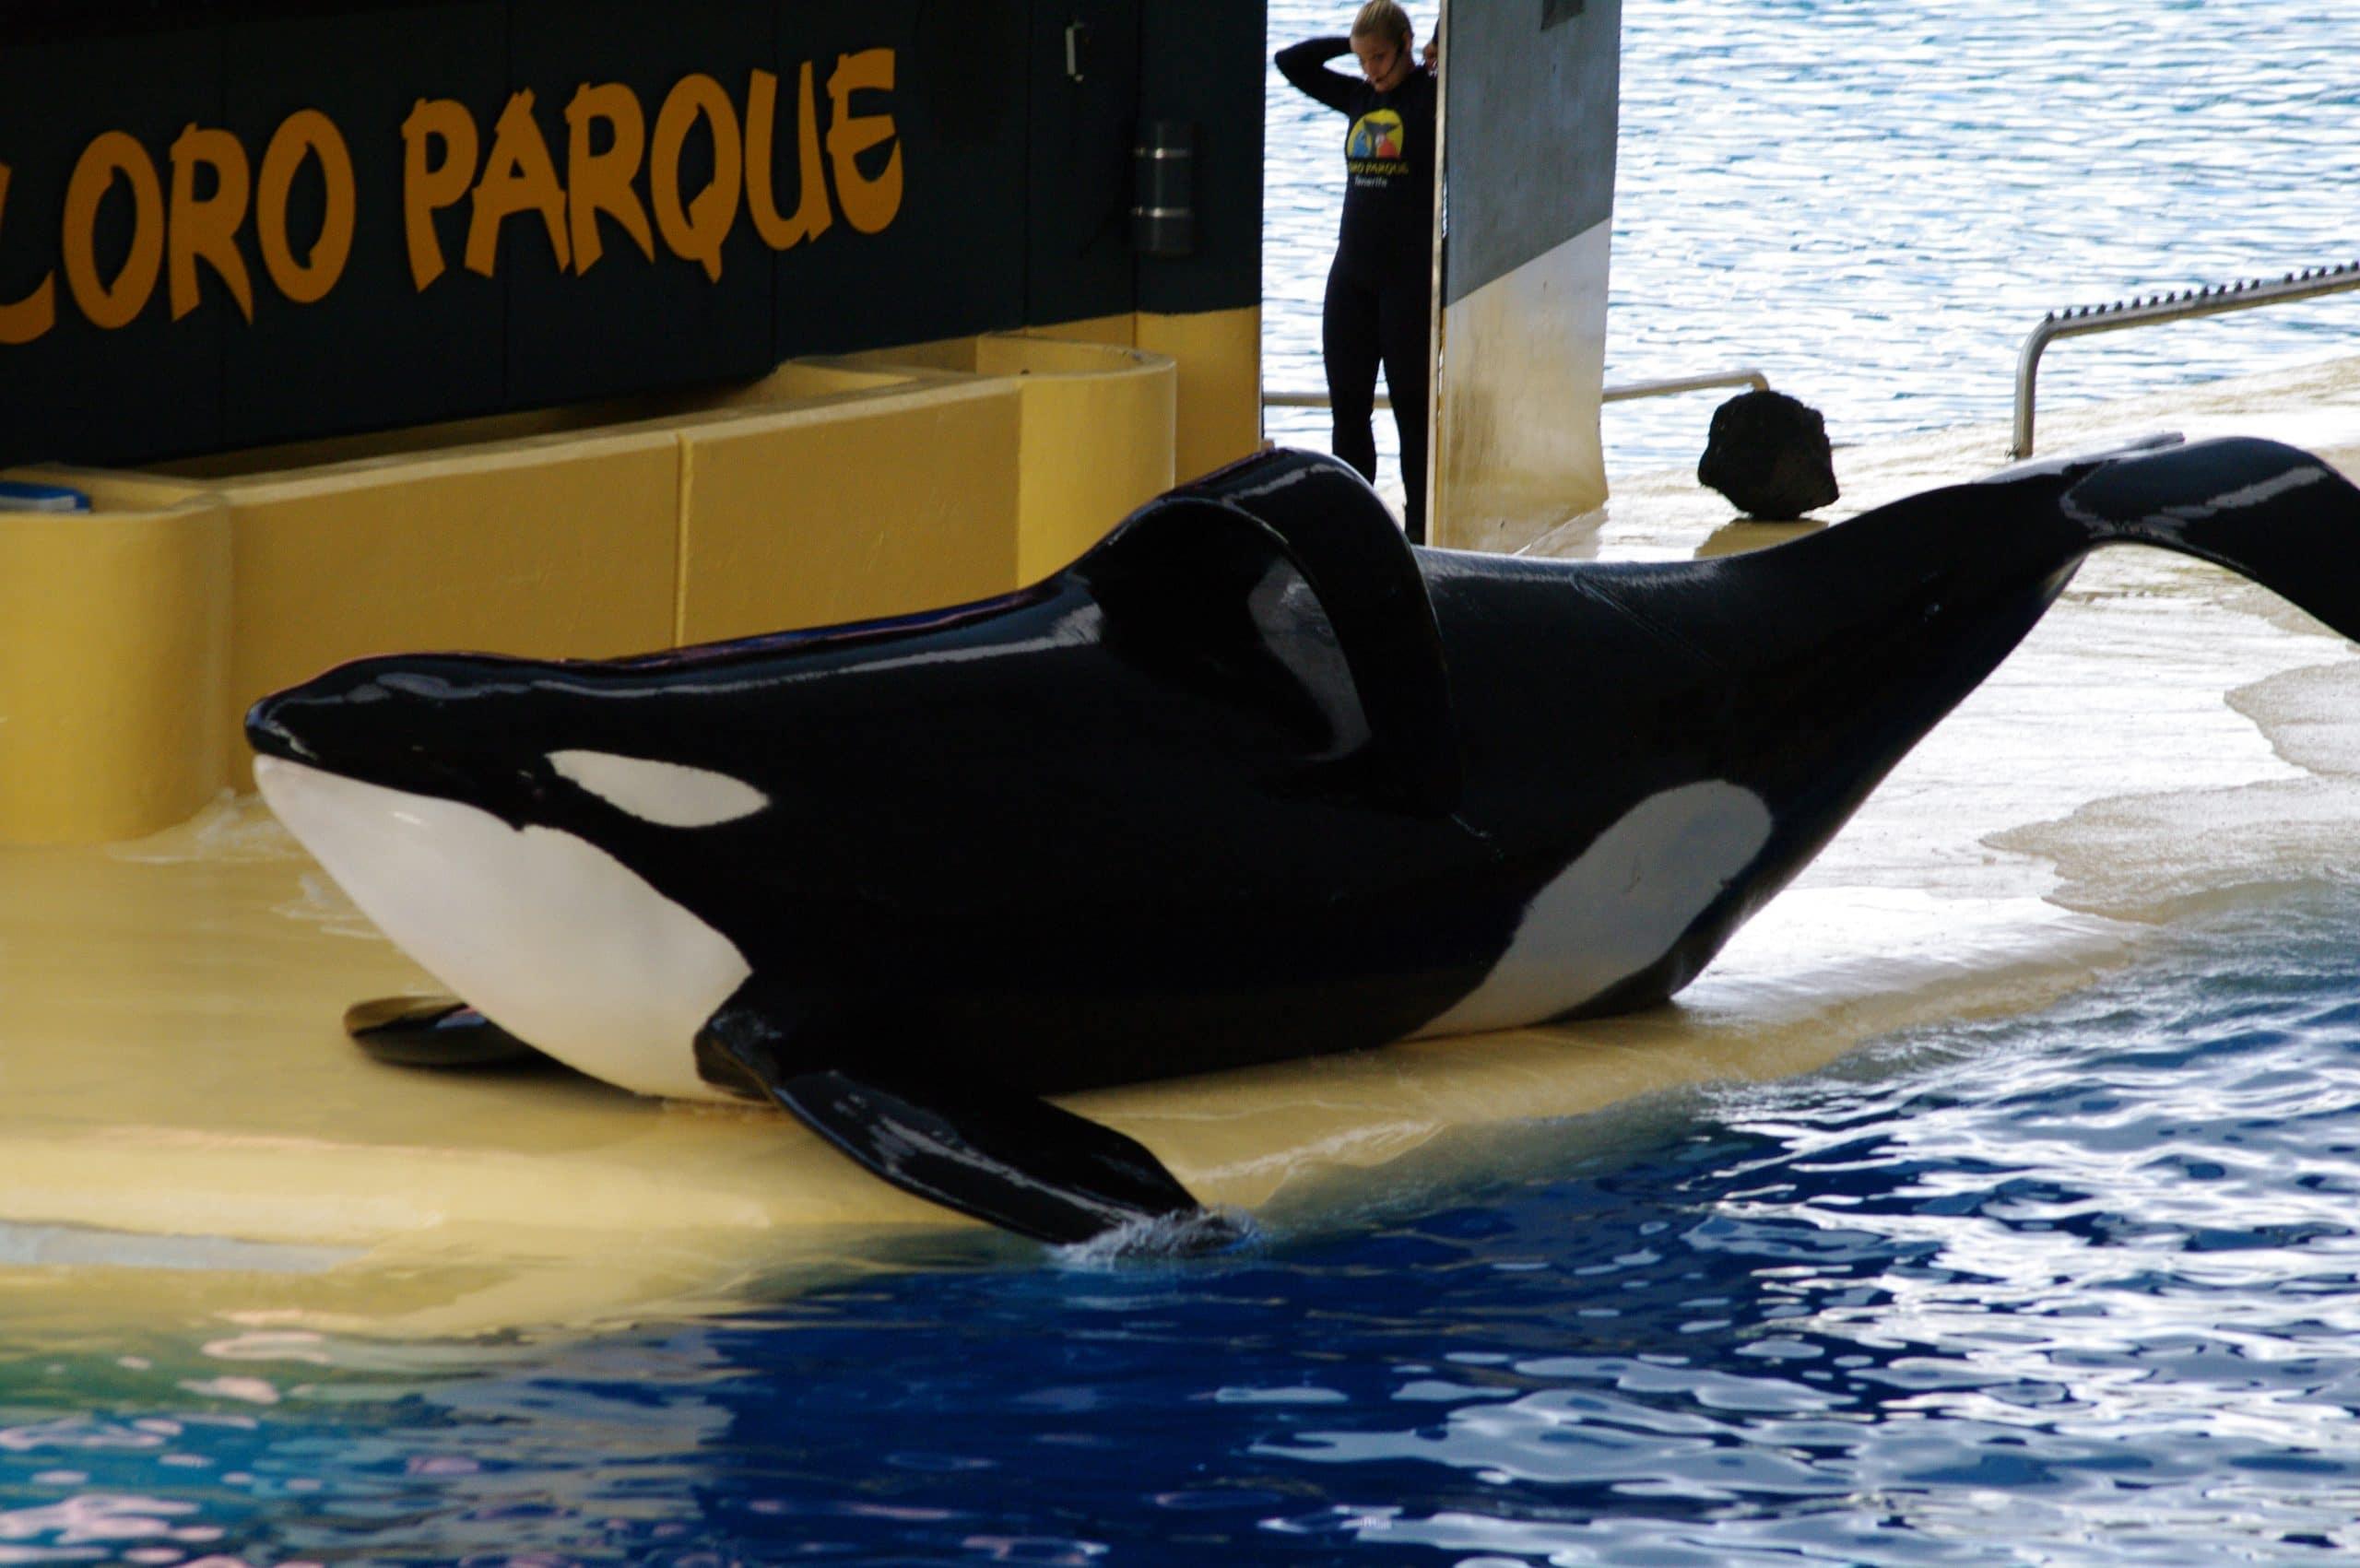 Orca-Keto-LoroParque_c_UCLudewig